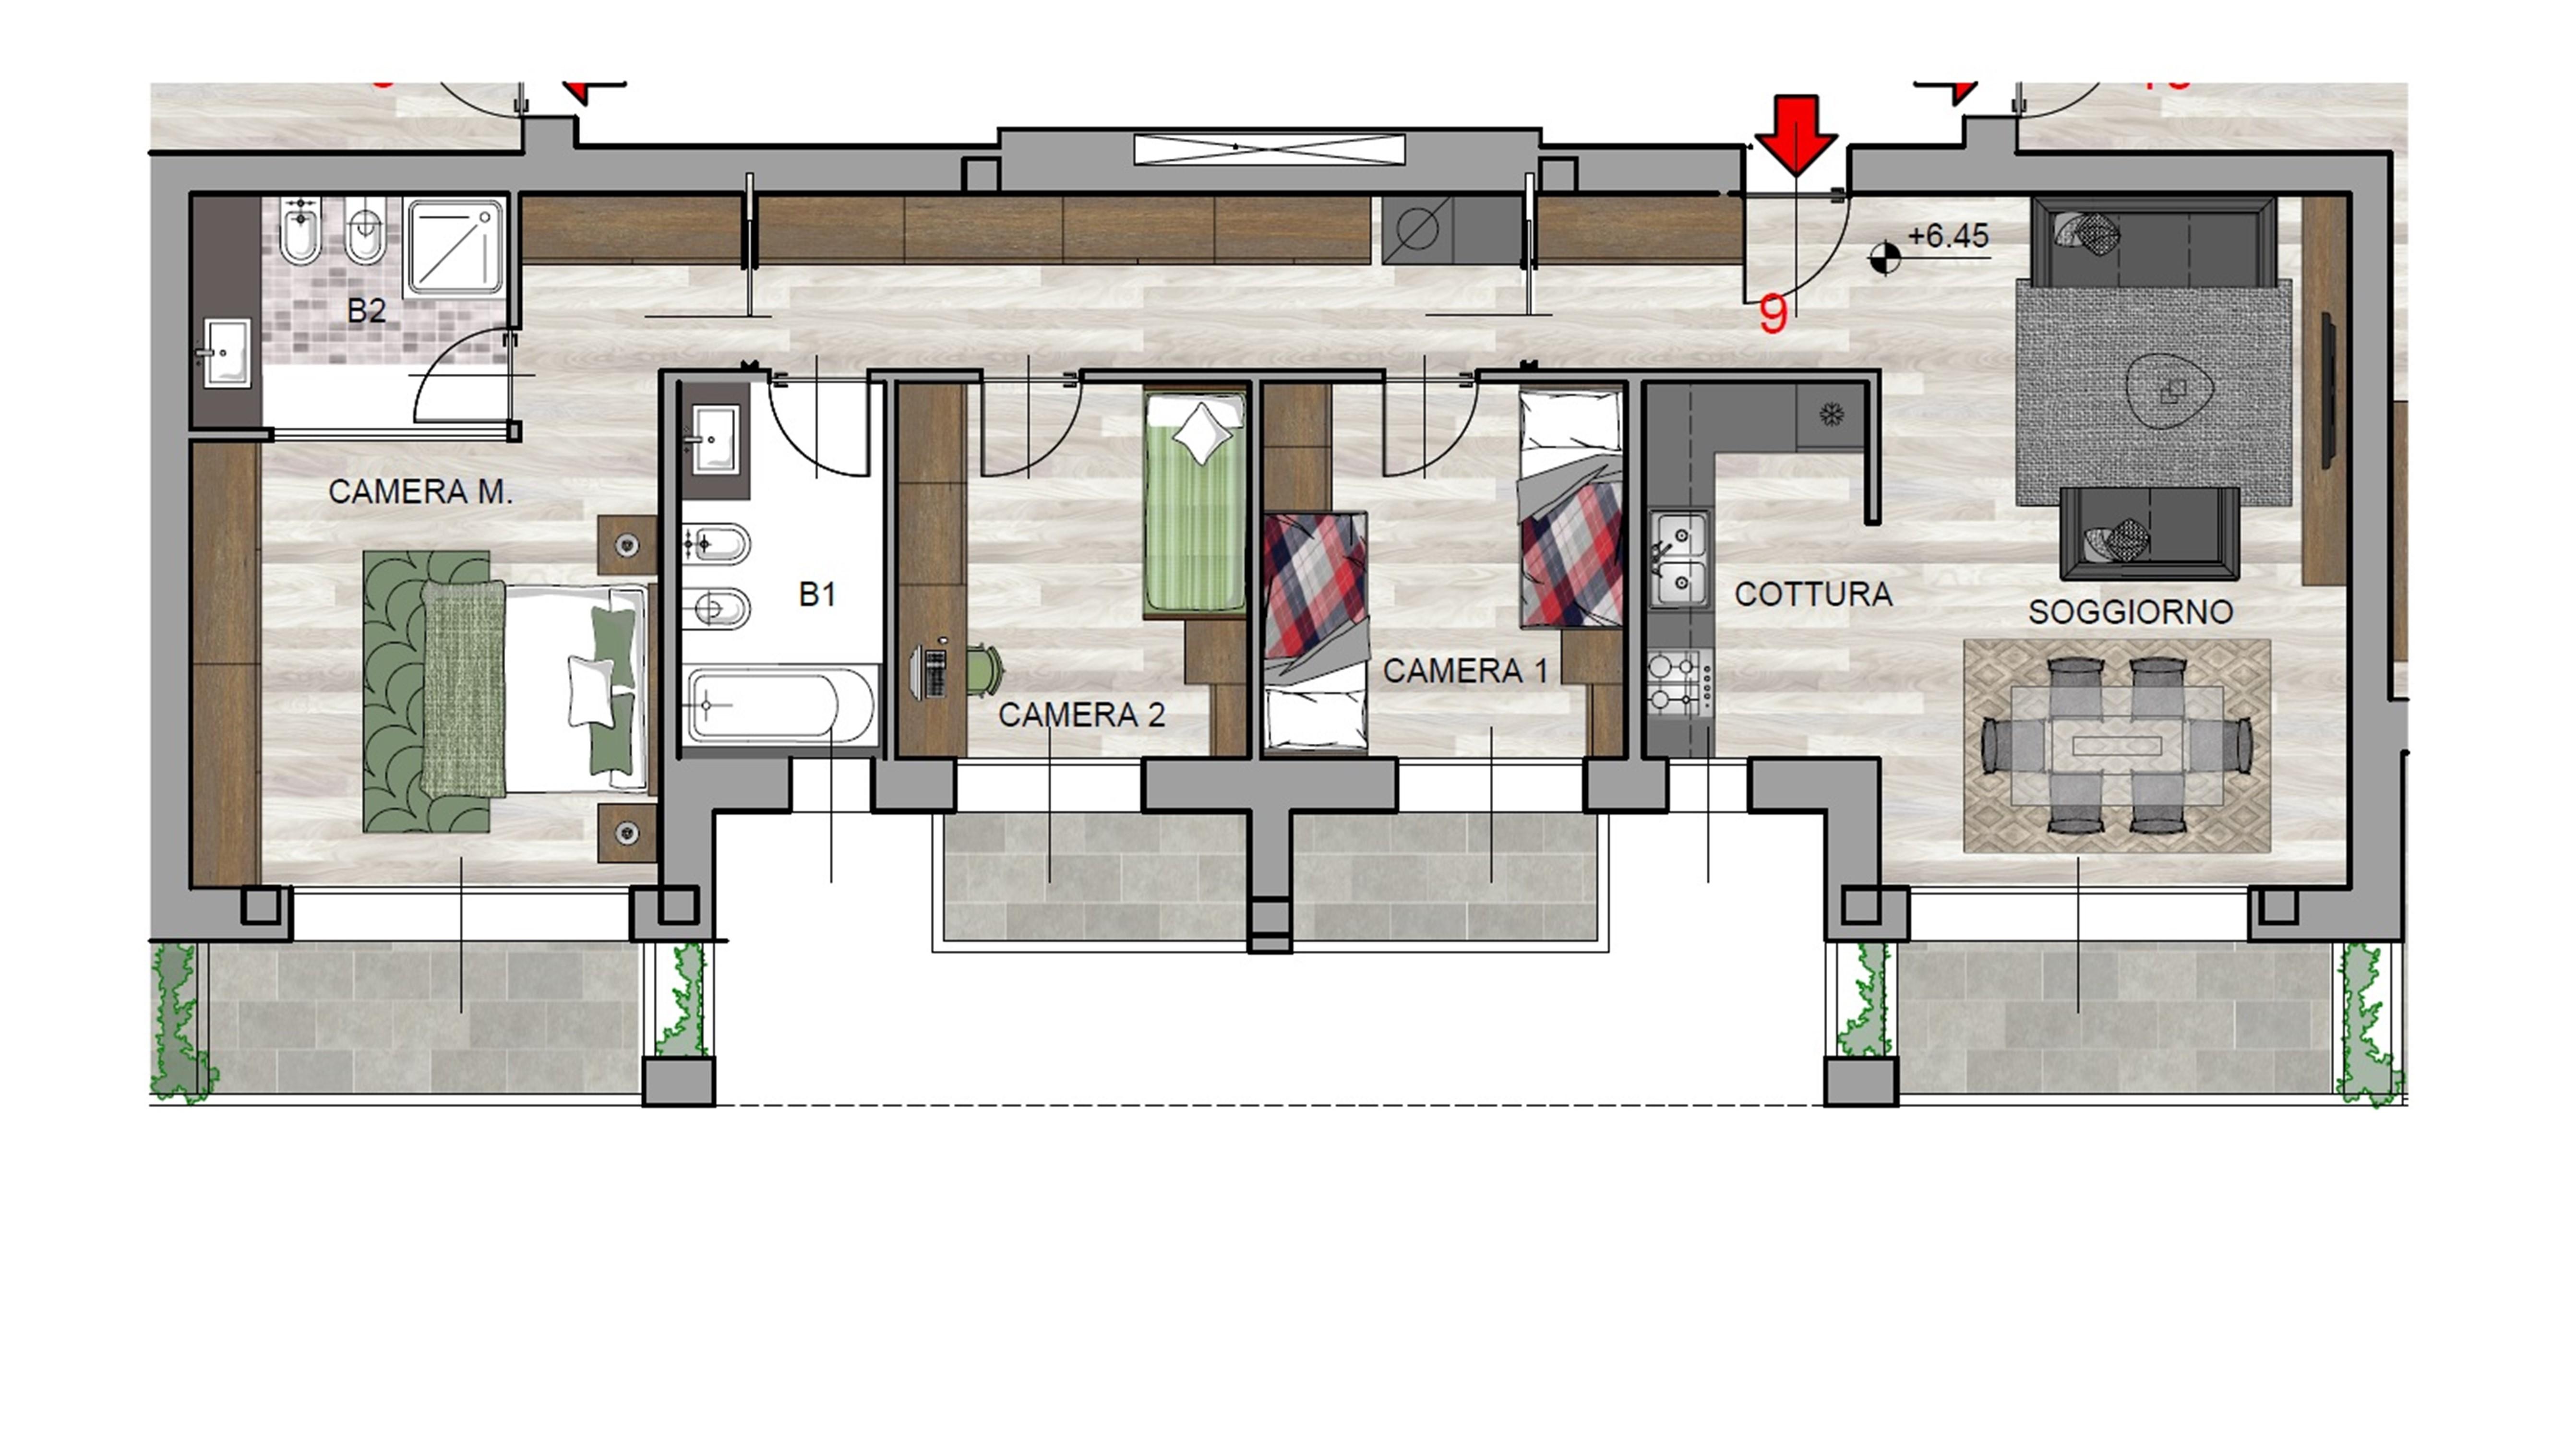 Quadrilocale n°9 Piano Secondo - Sup. Commerciale 134 mq - 325.000